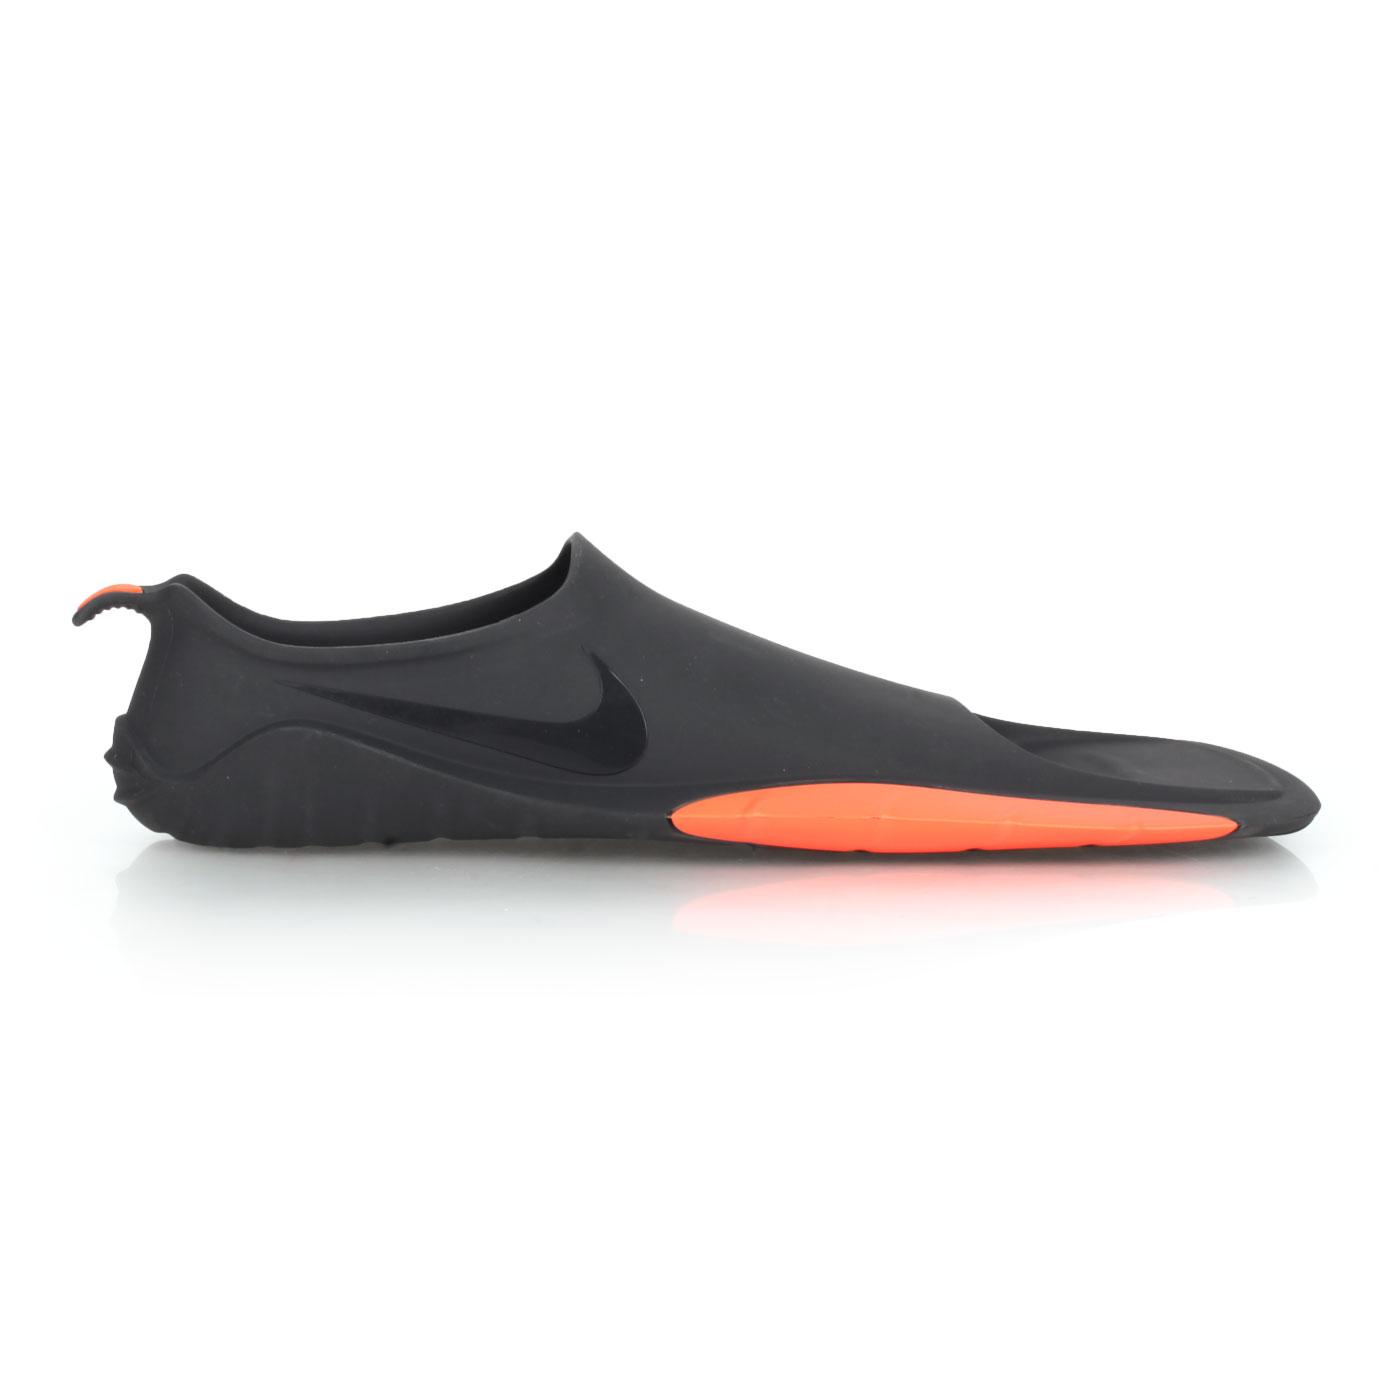 NIKE SWIM 游泳訓練蛙鞋 NESS9171-618